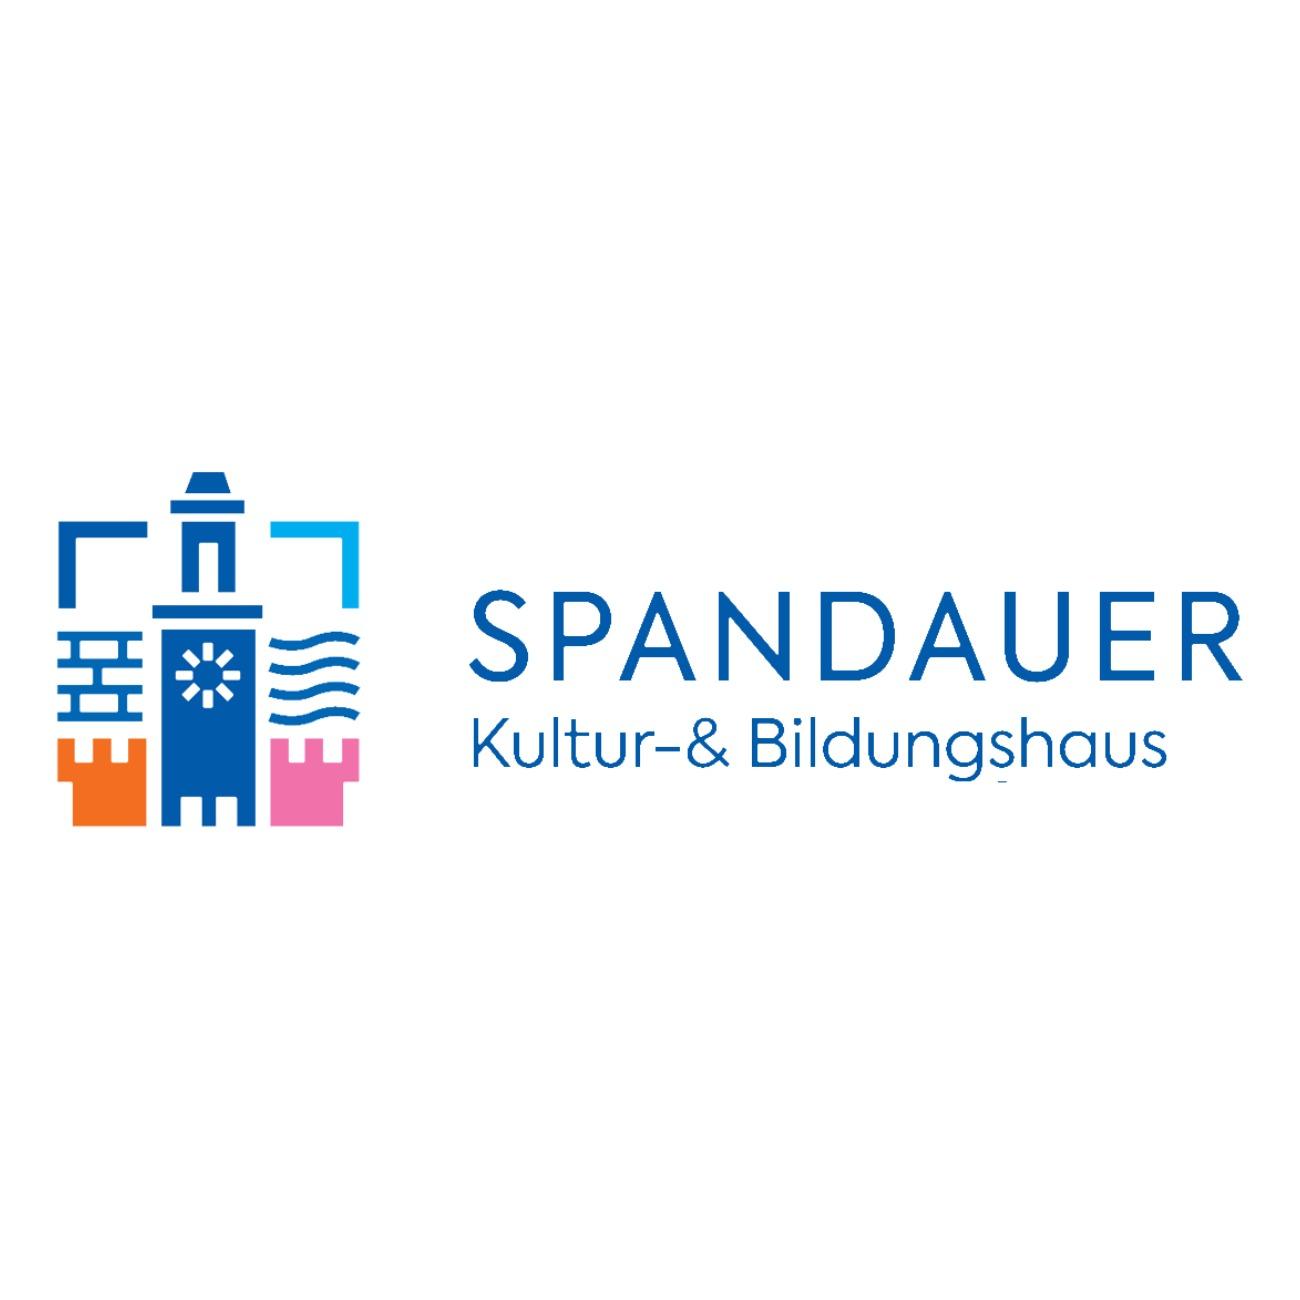 Unsere Mitglieder - spandauer kultur bildungshaus logo